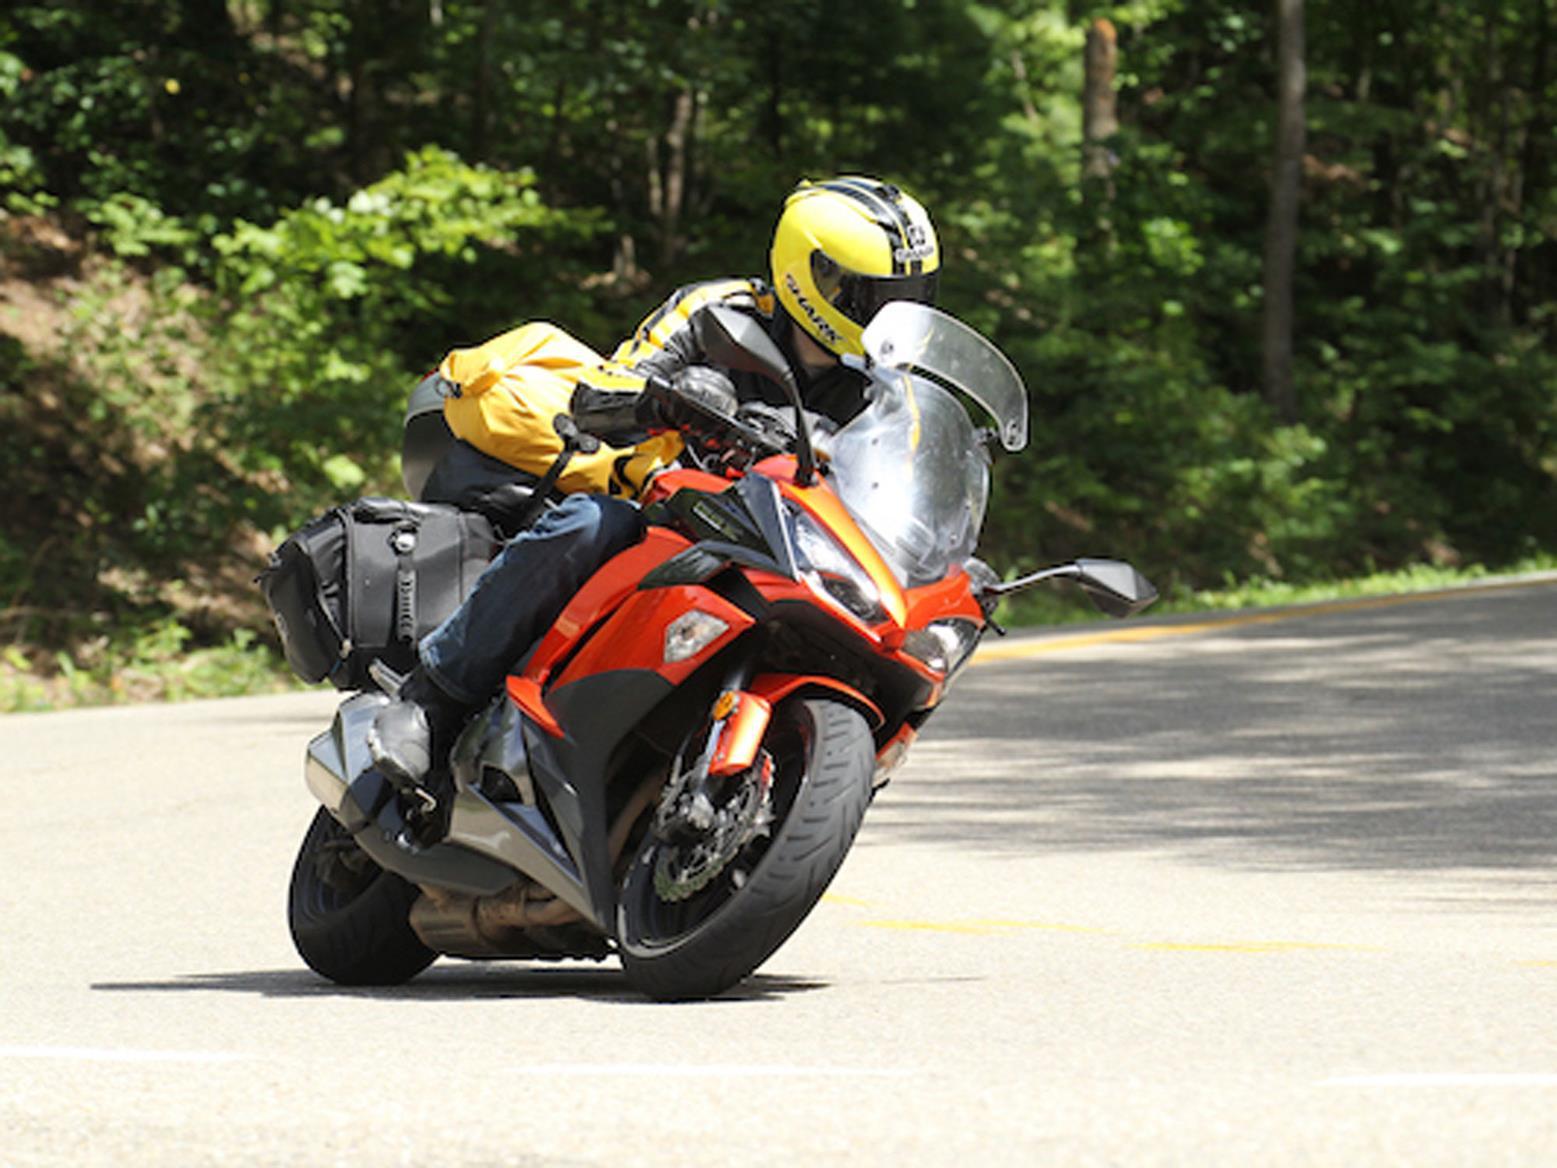 Simon on his Kawasaki Z1000SX tackling Moonshiner 28